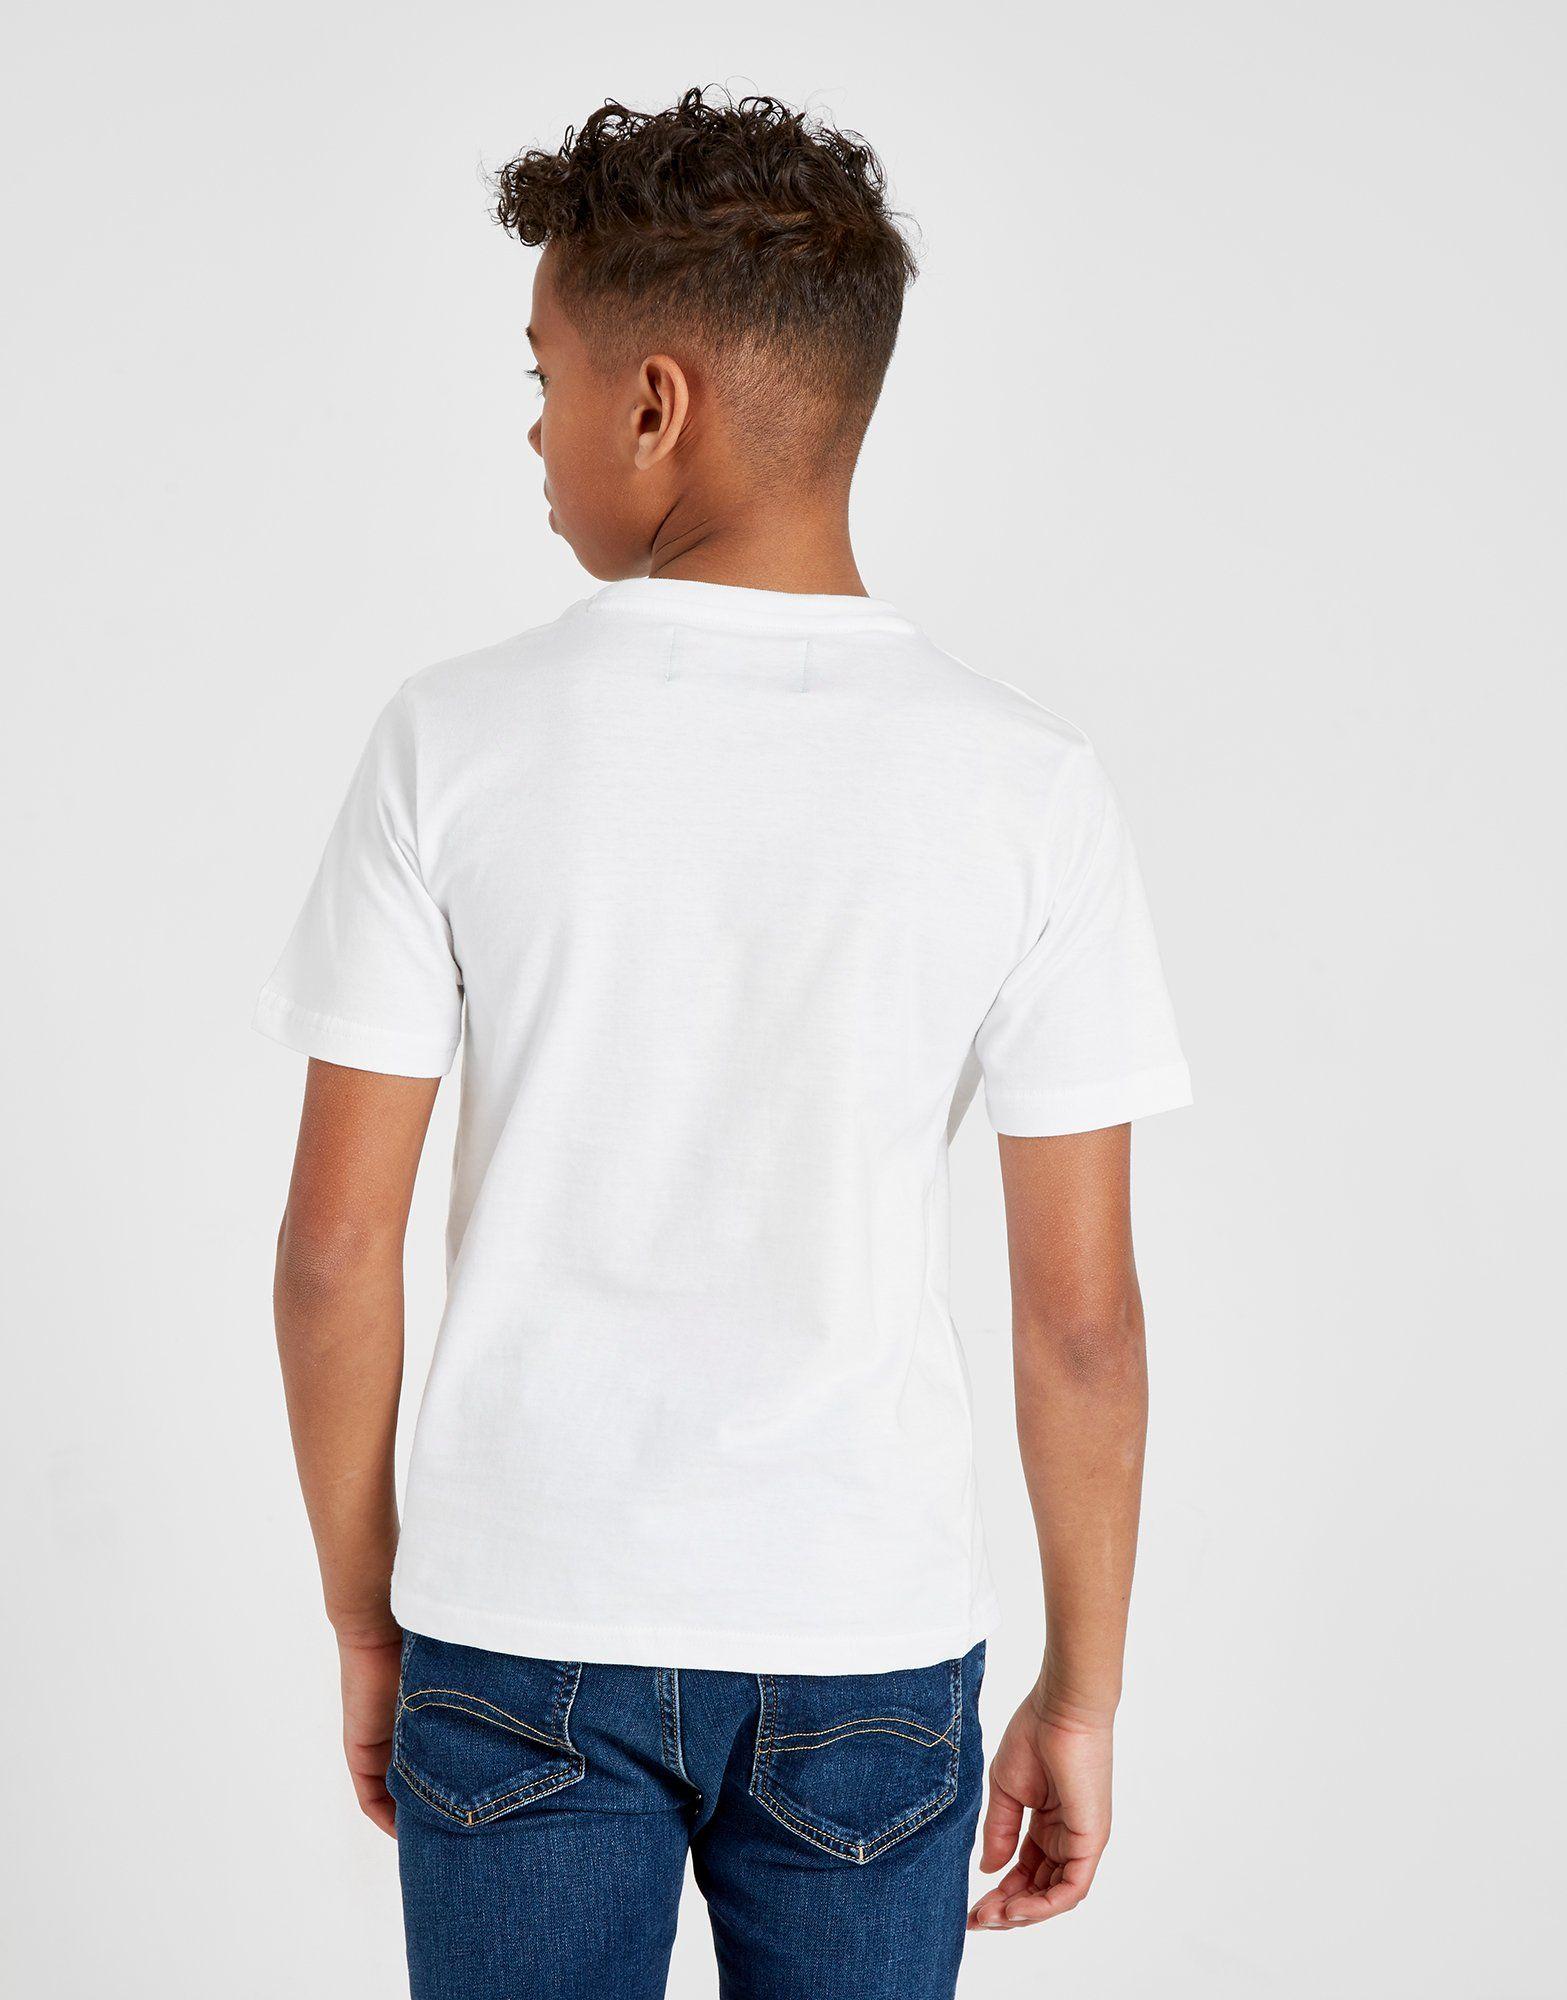 Fila T-shirt Everdeen F-Box Junior